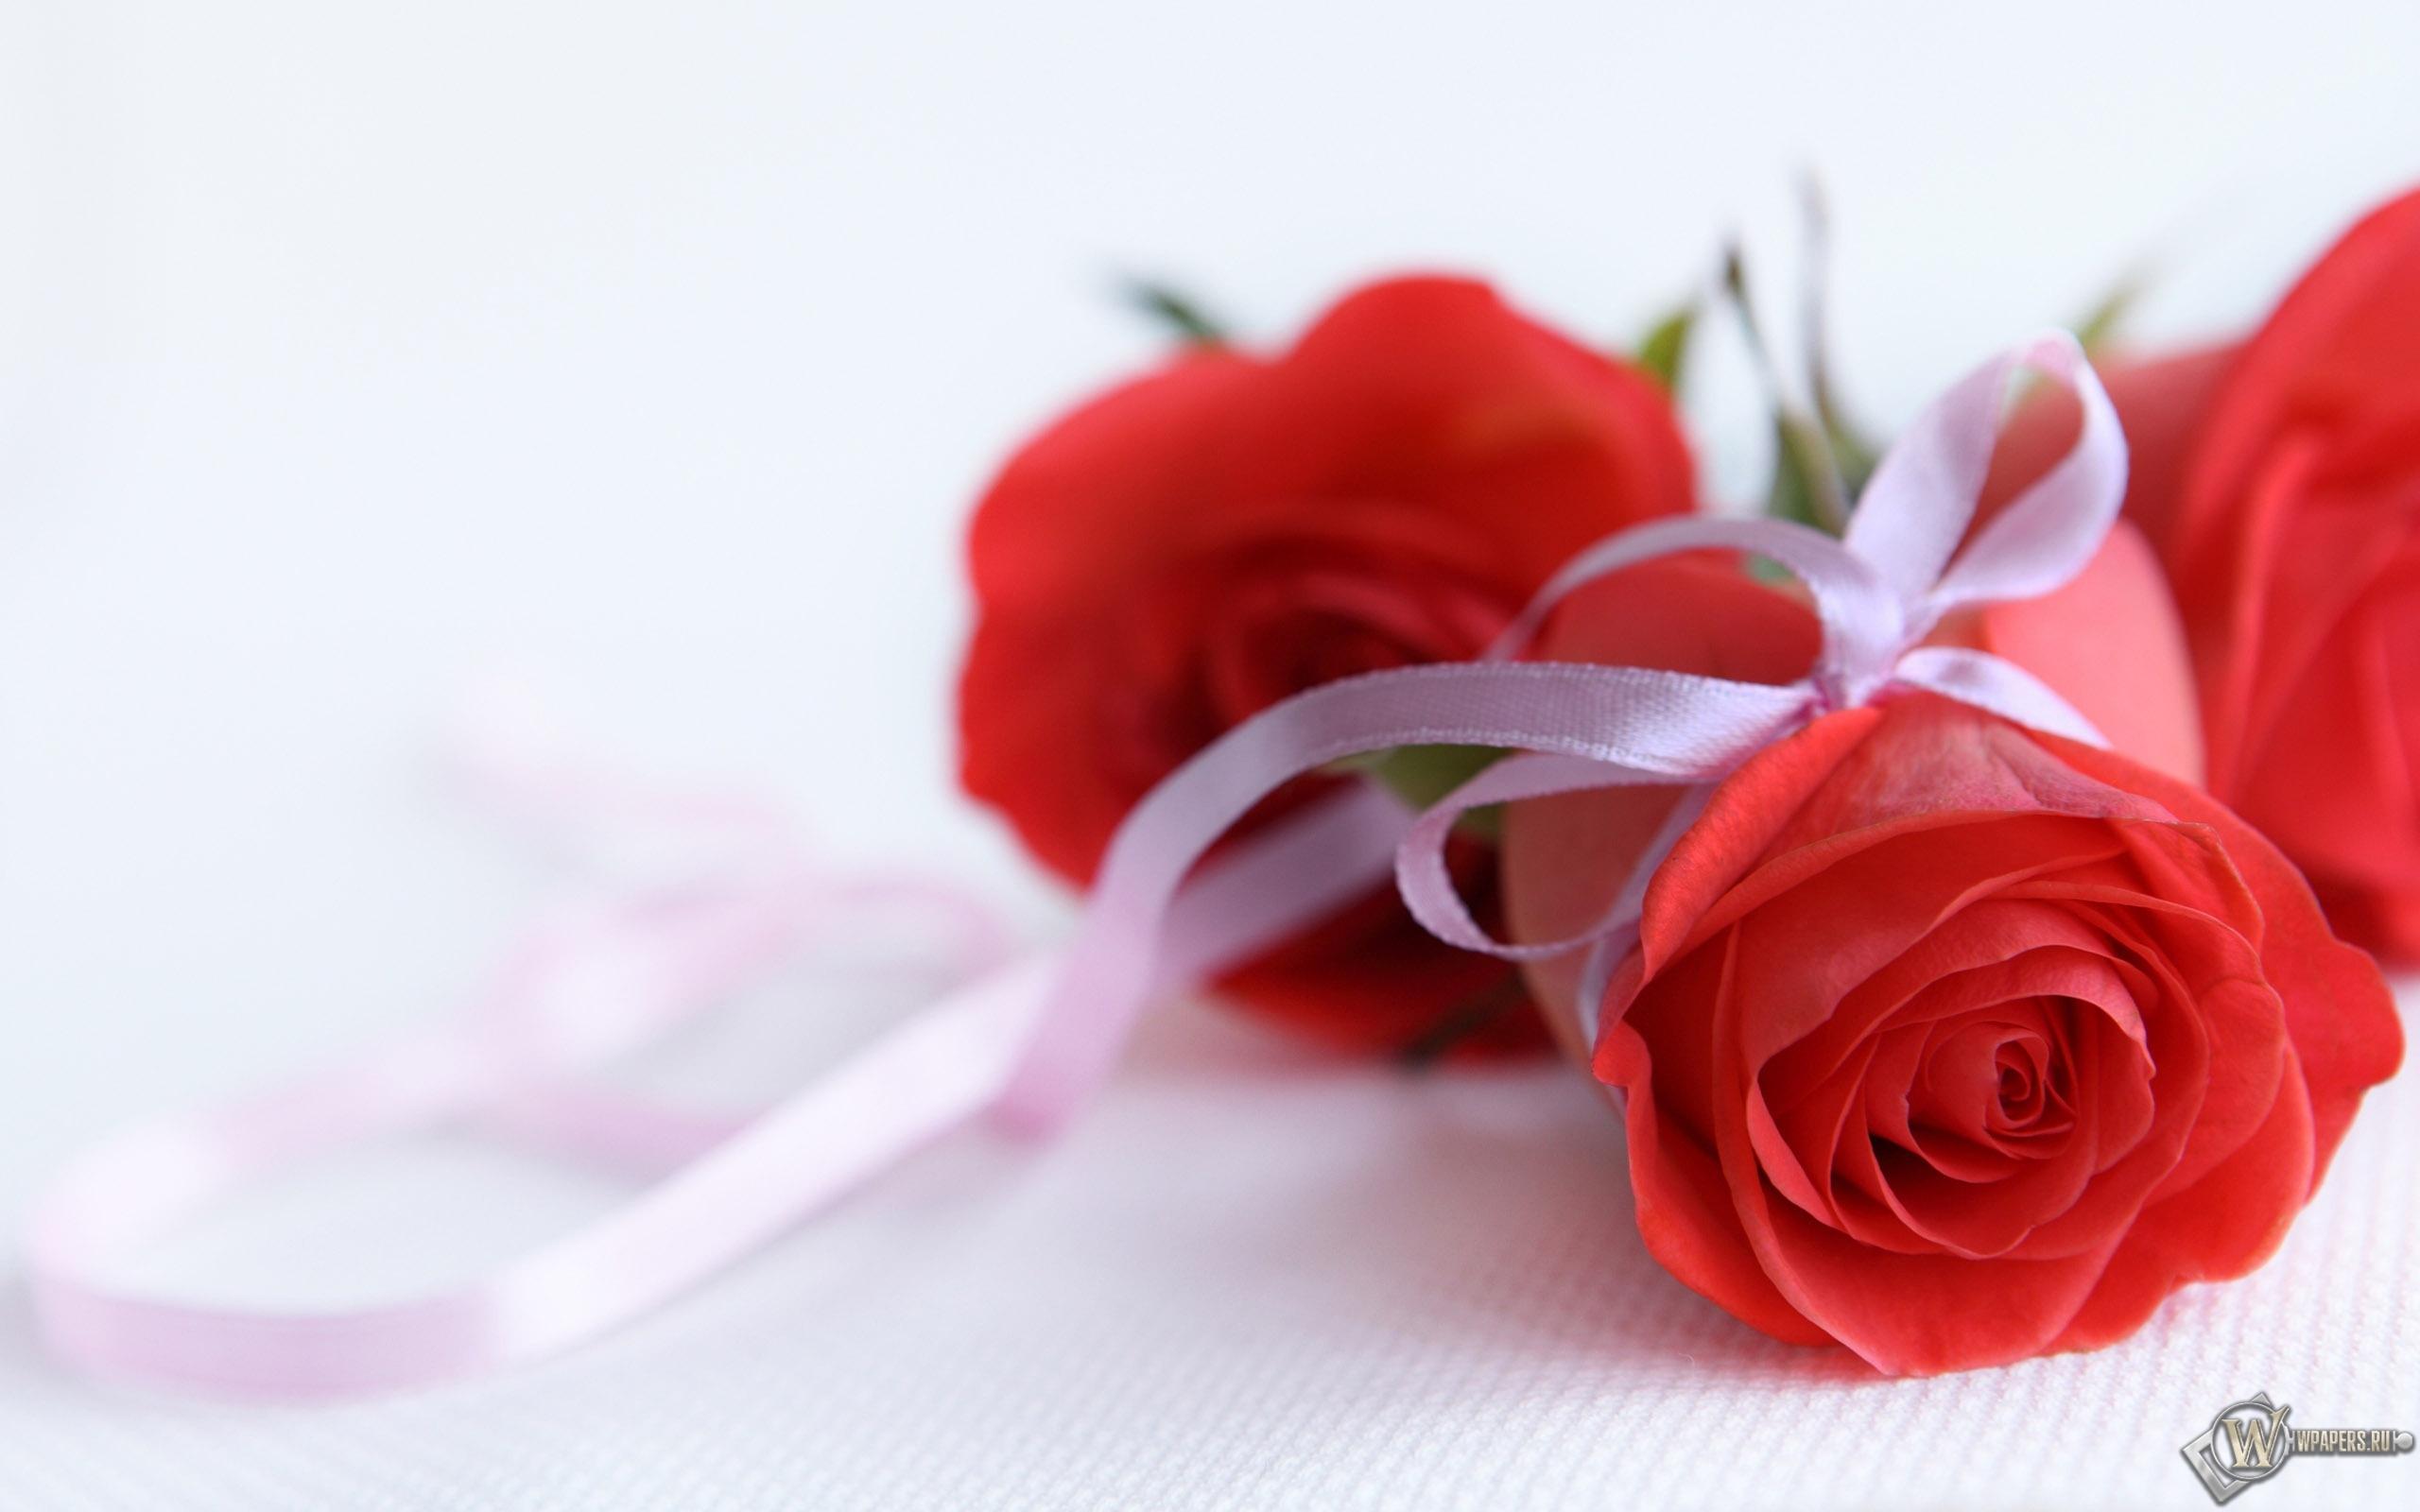 Красные розы 2560x1600